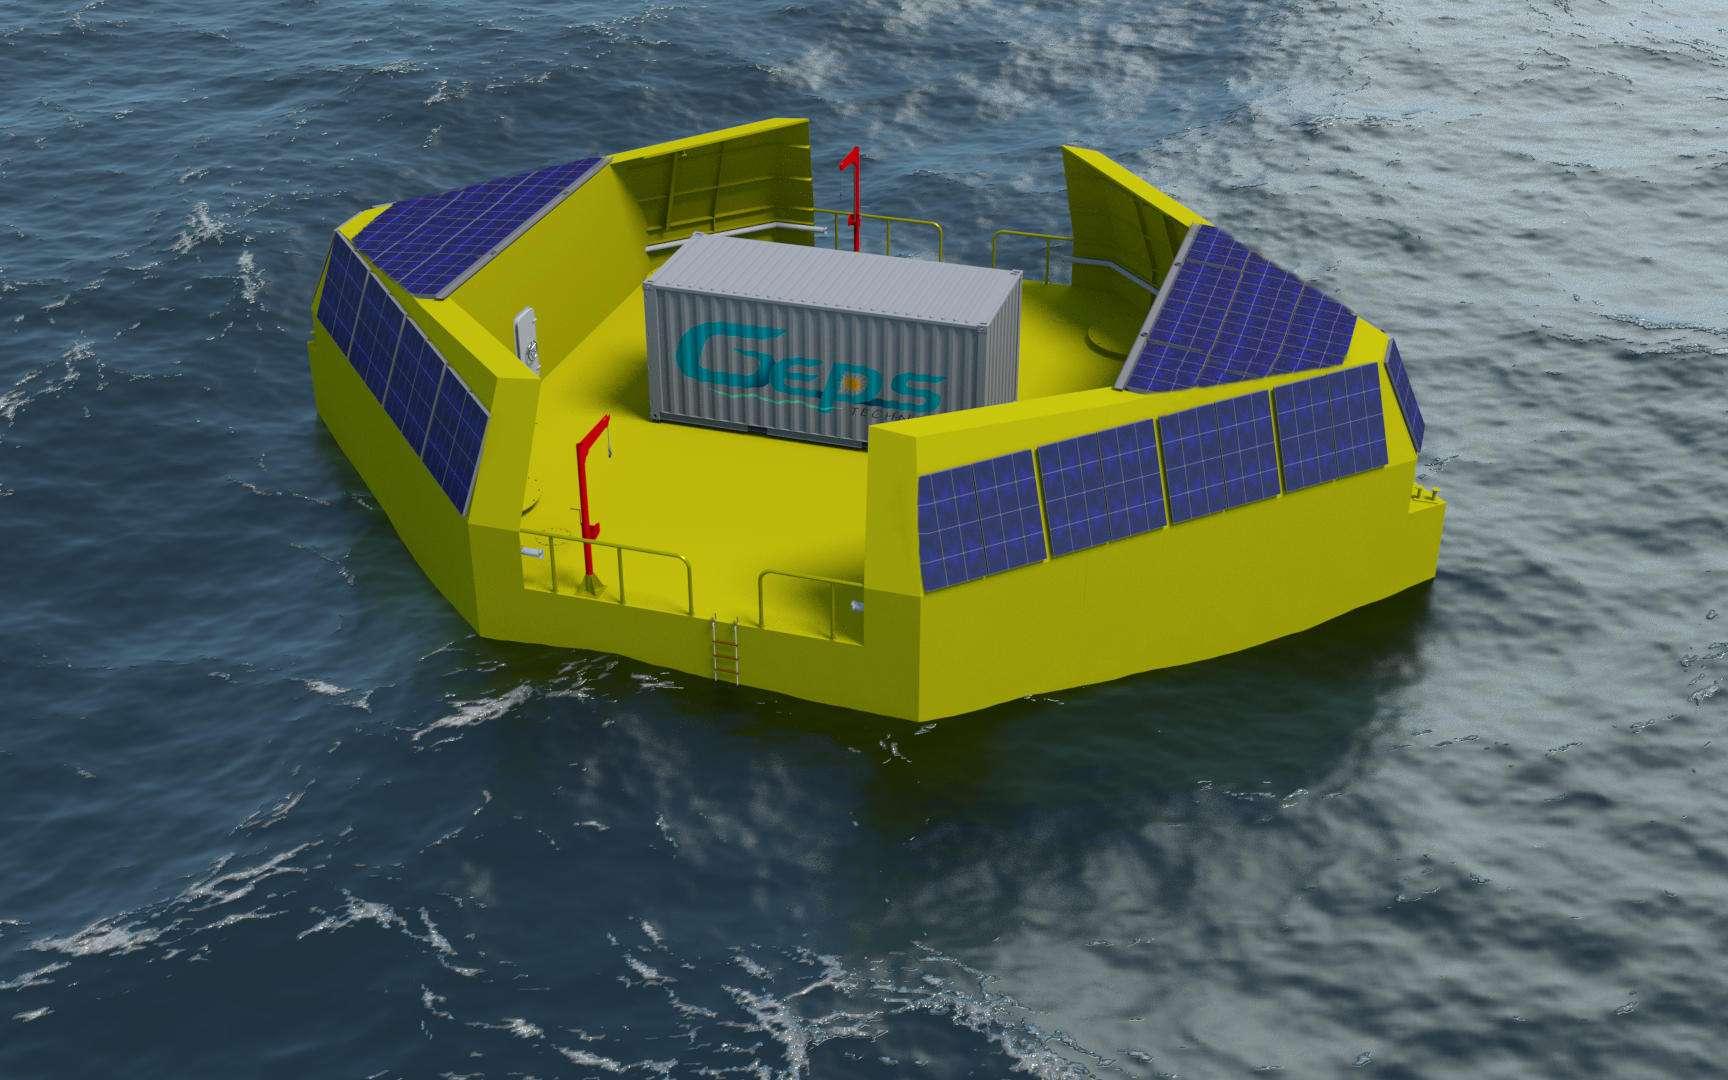 En mer, l'environnement fournit plusieurs énergies : le soleil, le vent, les vagues, la houle, la variation de température avec la profondeur et le courant. Multiplier les sources est donc une bonne manière de disposer d'un approvisionnement fiable pour garantir une autonomie énergétique en mer. © GEPS Techno